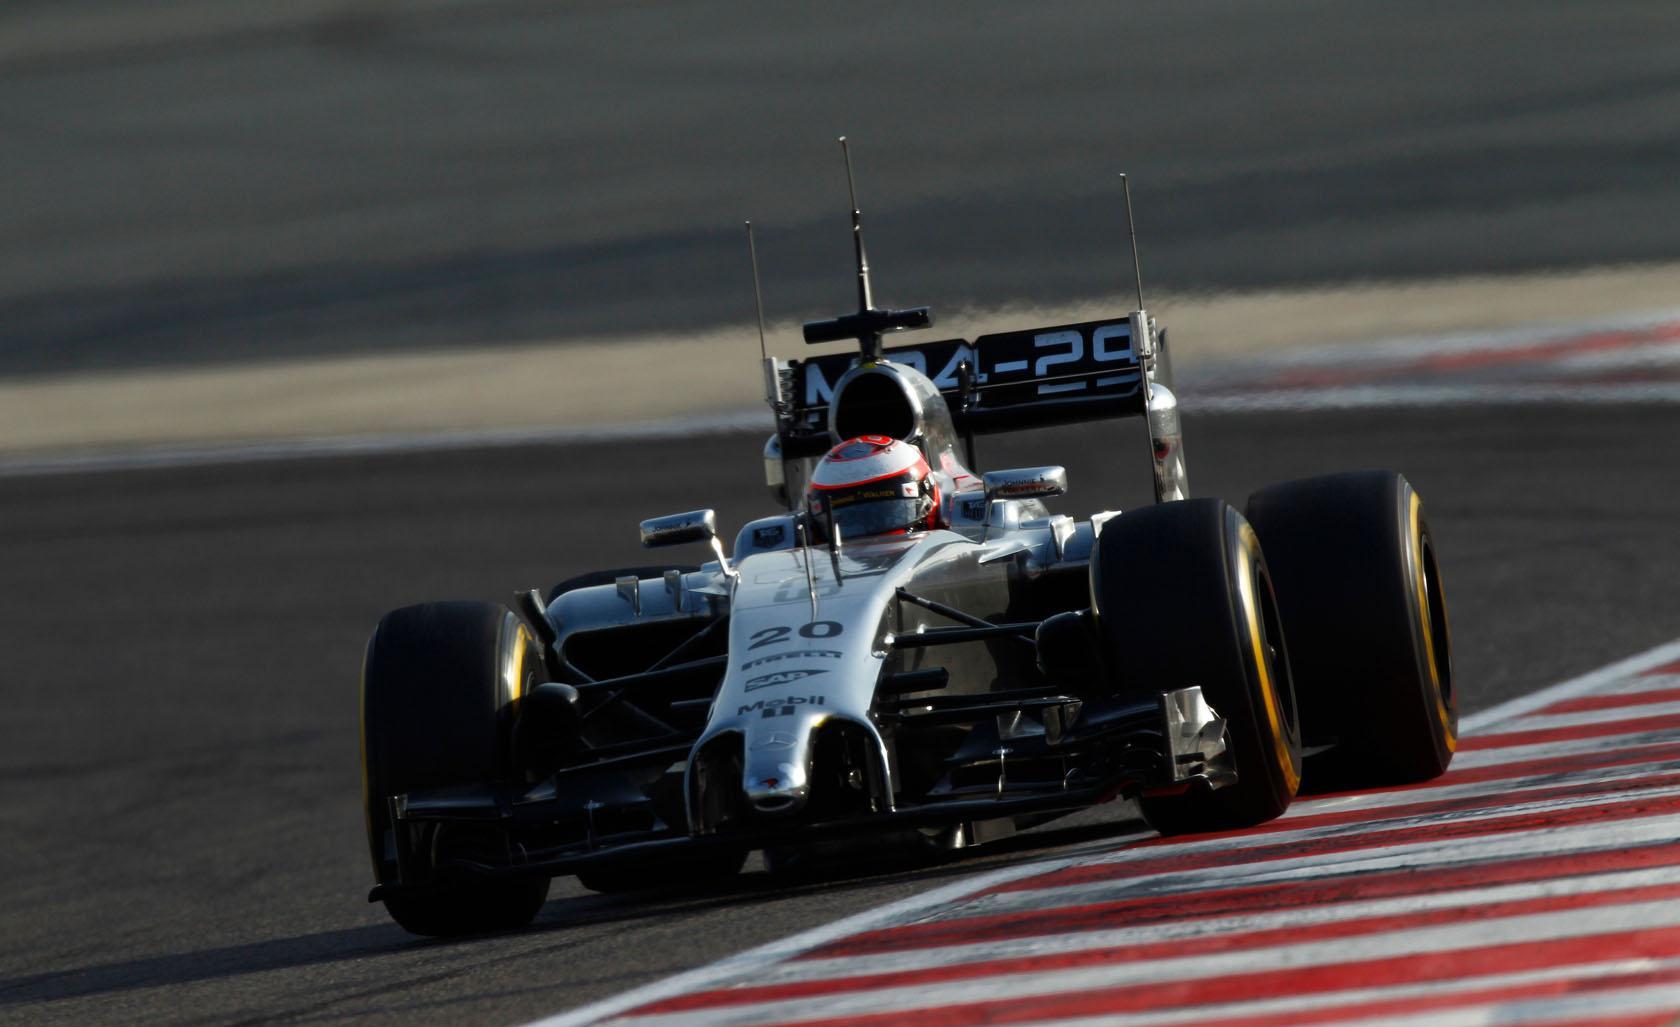 Sok potenciállal bír az MP4-29: bizakodóak a McLaren versenyzői